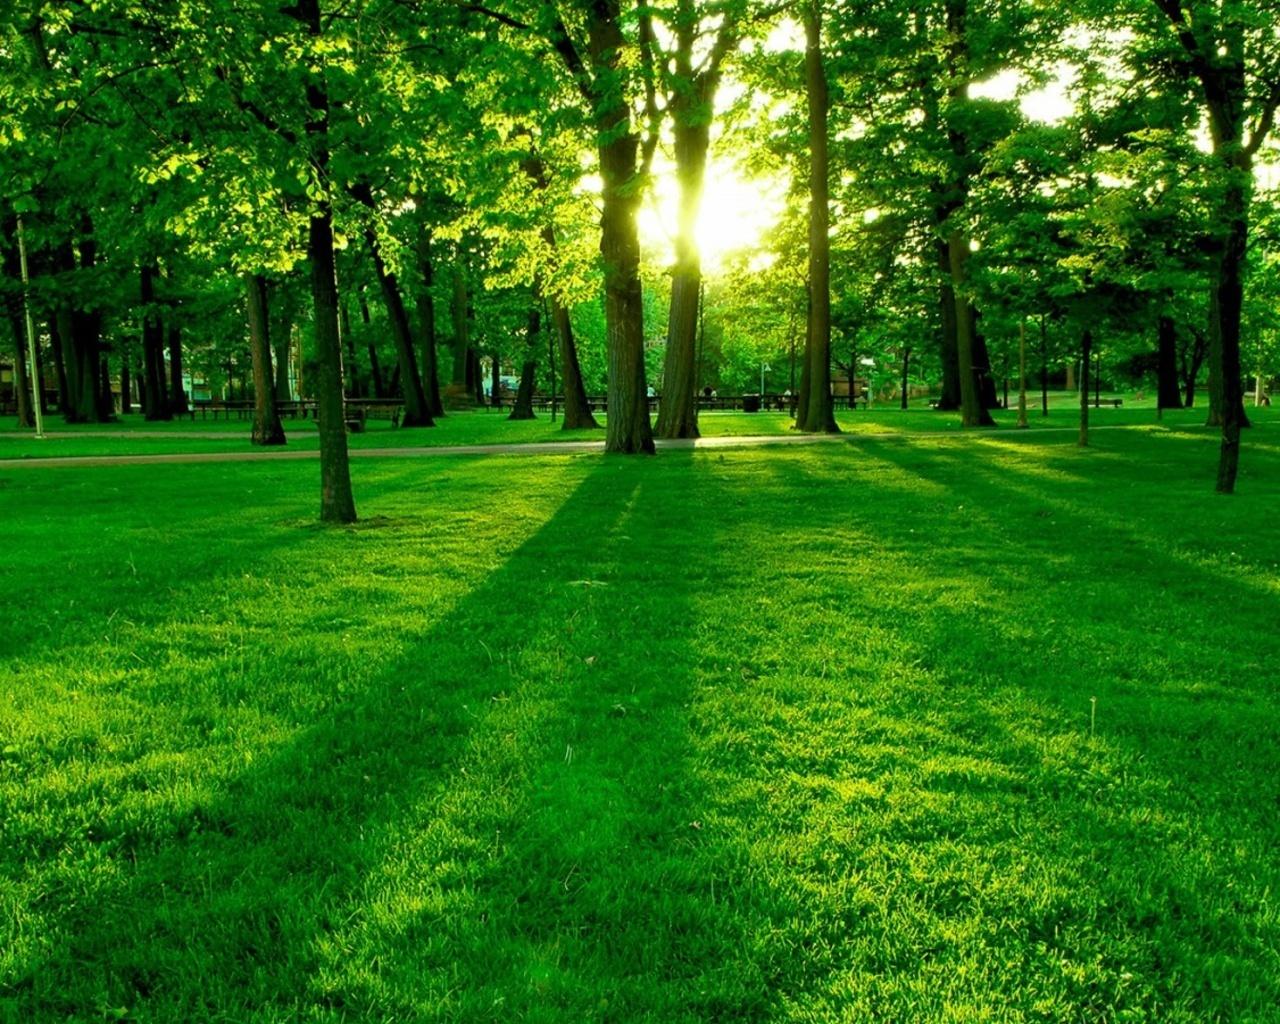 Forest Green Background Wallpaper HD Wallpaper 1280x1024